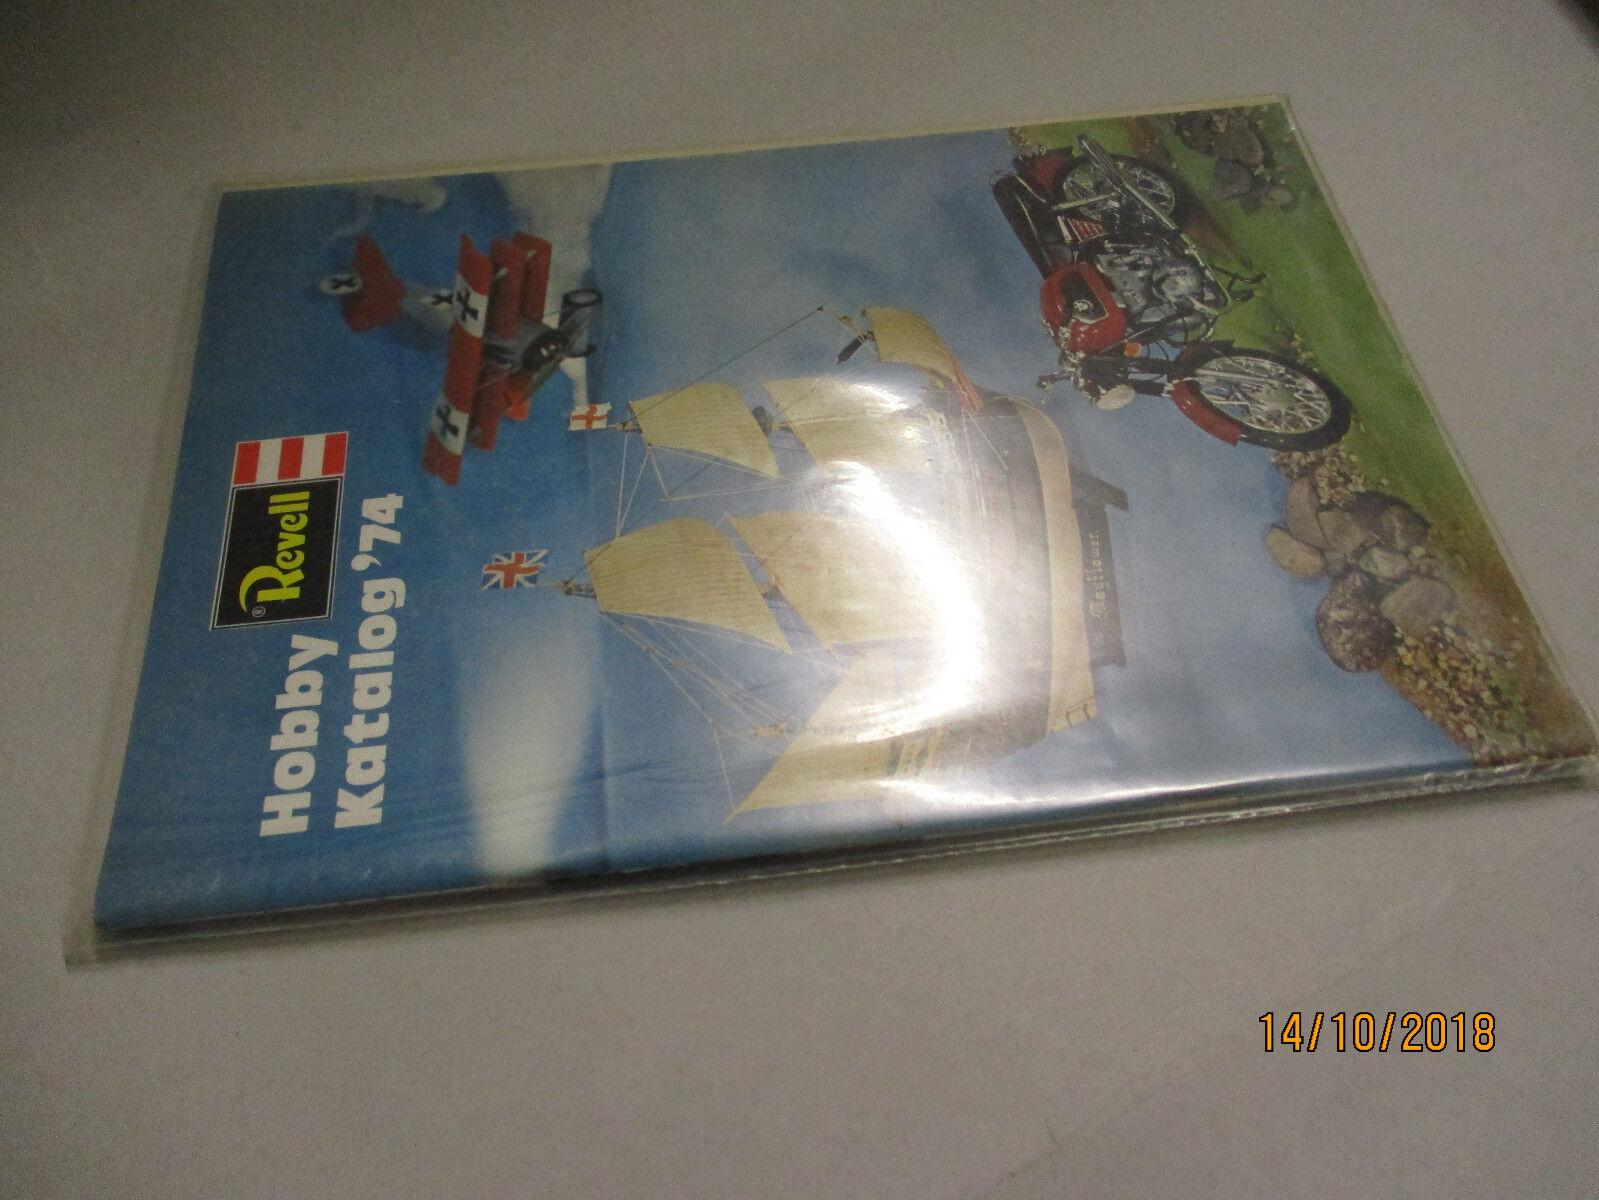 Revell Modèle Kits catalogue 1974 avec liste de prix 2 74